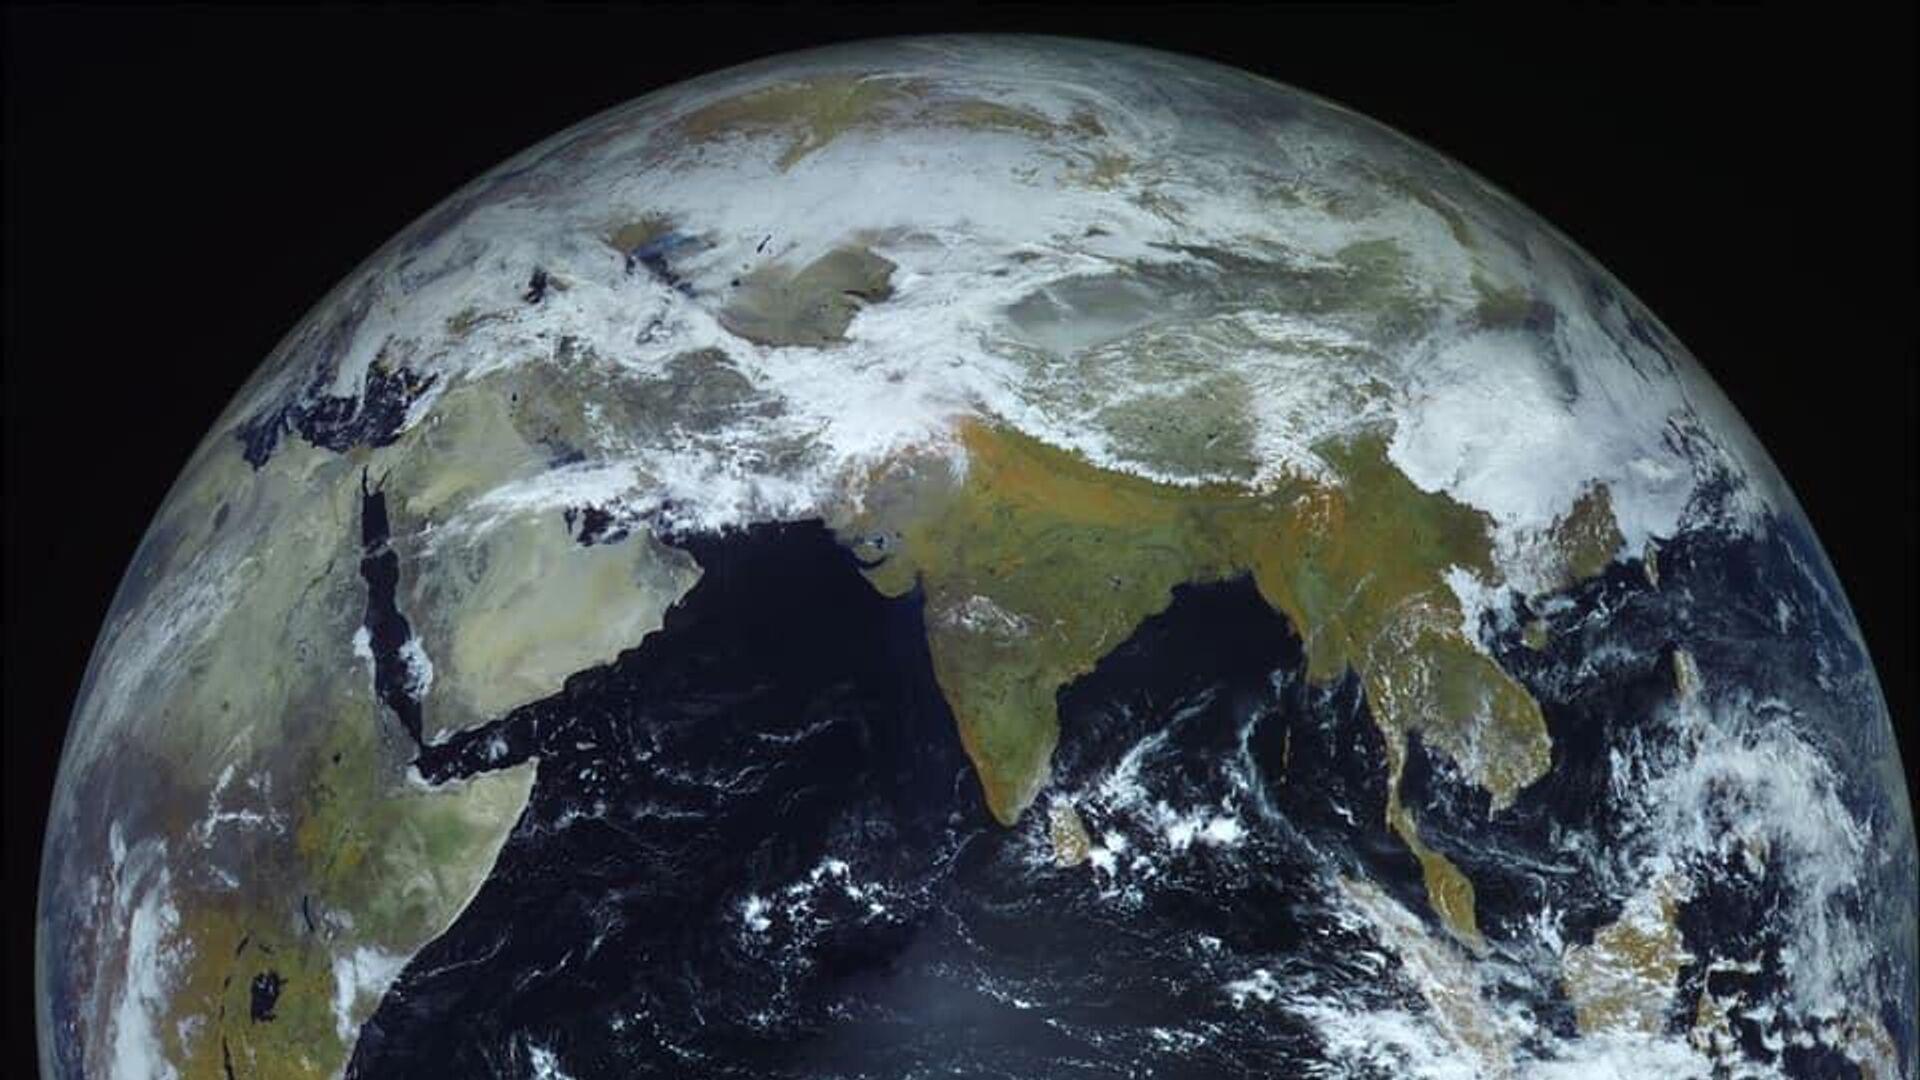 Фотография Земли, сделанная космическим аппаратом Электро-Л - РИА Новости, 1920, 08.01.2021